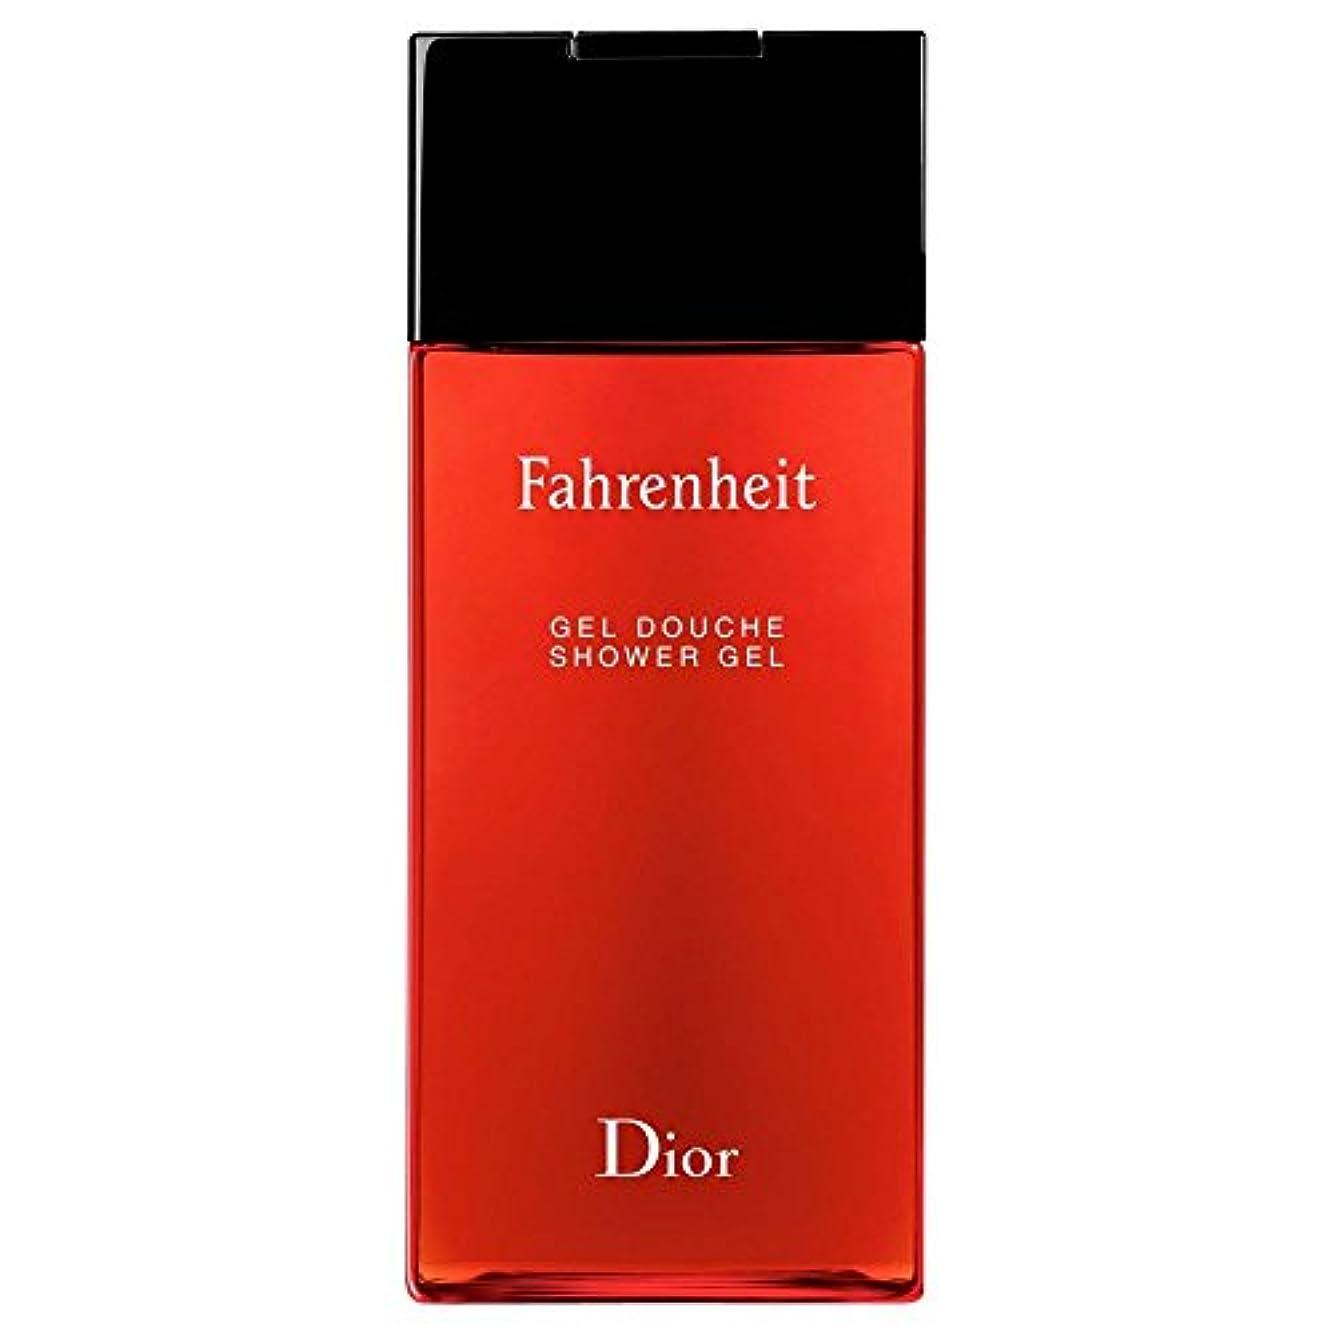 提案ずらす松の木[Dior] ディオール華氏発泡シャワージェル200Ml - Dior Fahrenheit Foaming Shower Gel 200ml [並行輸入品]